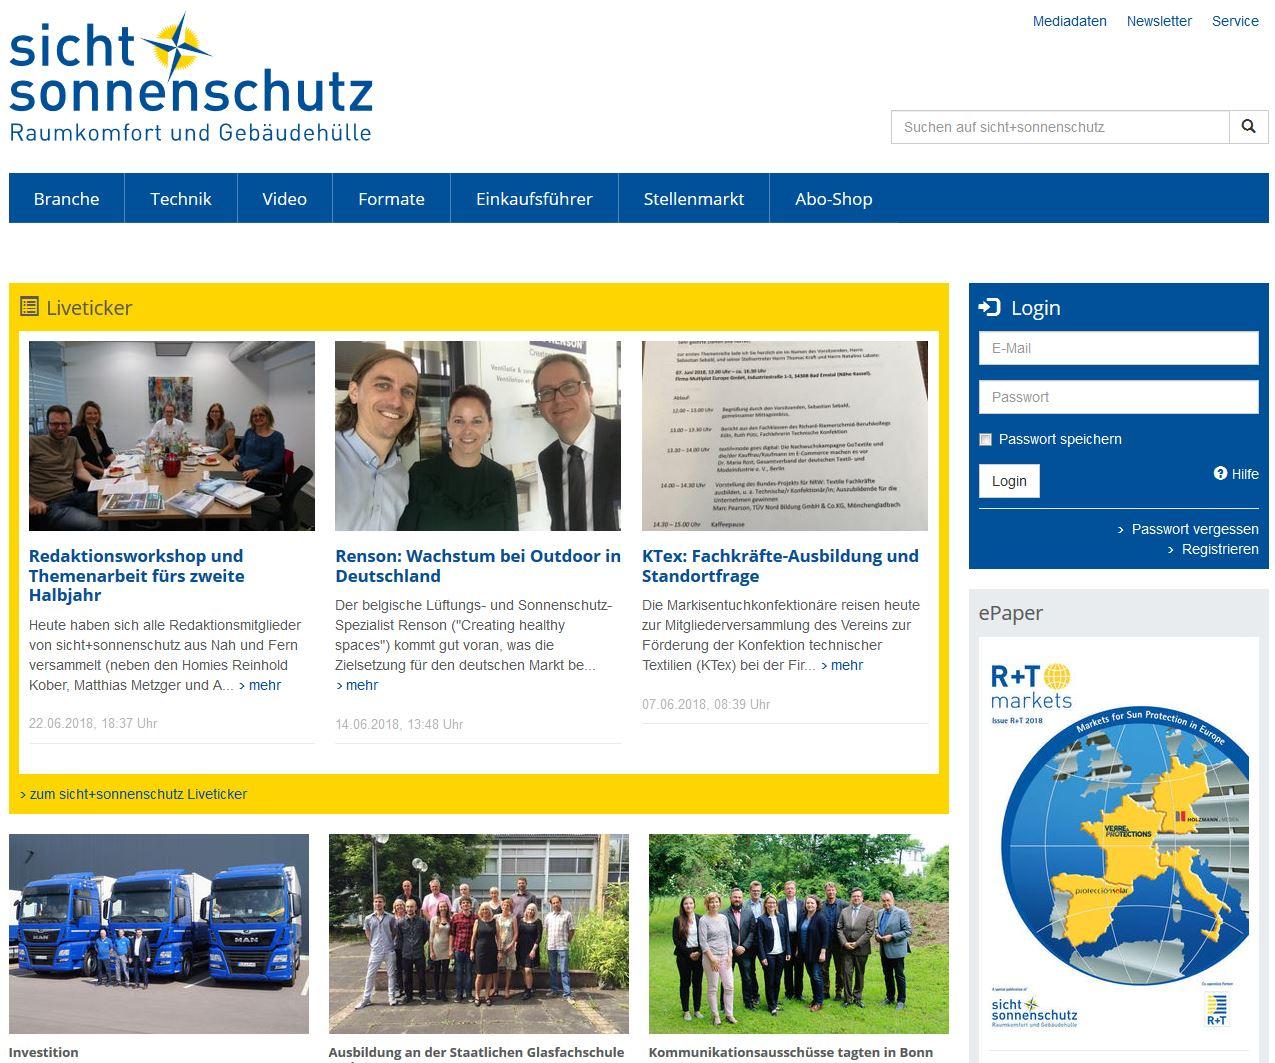 sicht+sonnenschutz Webseite